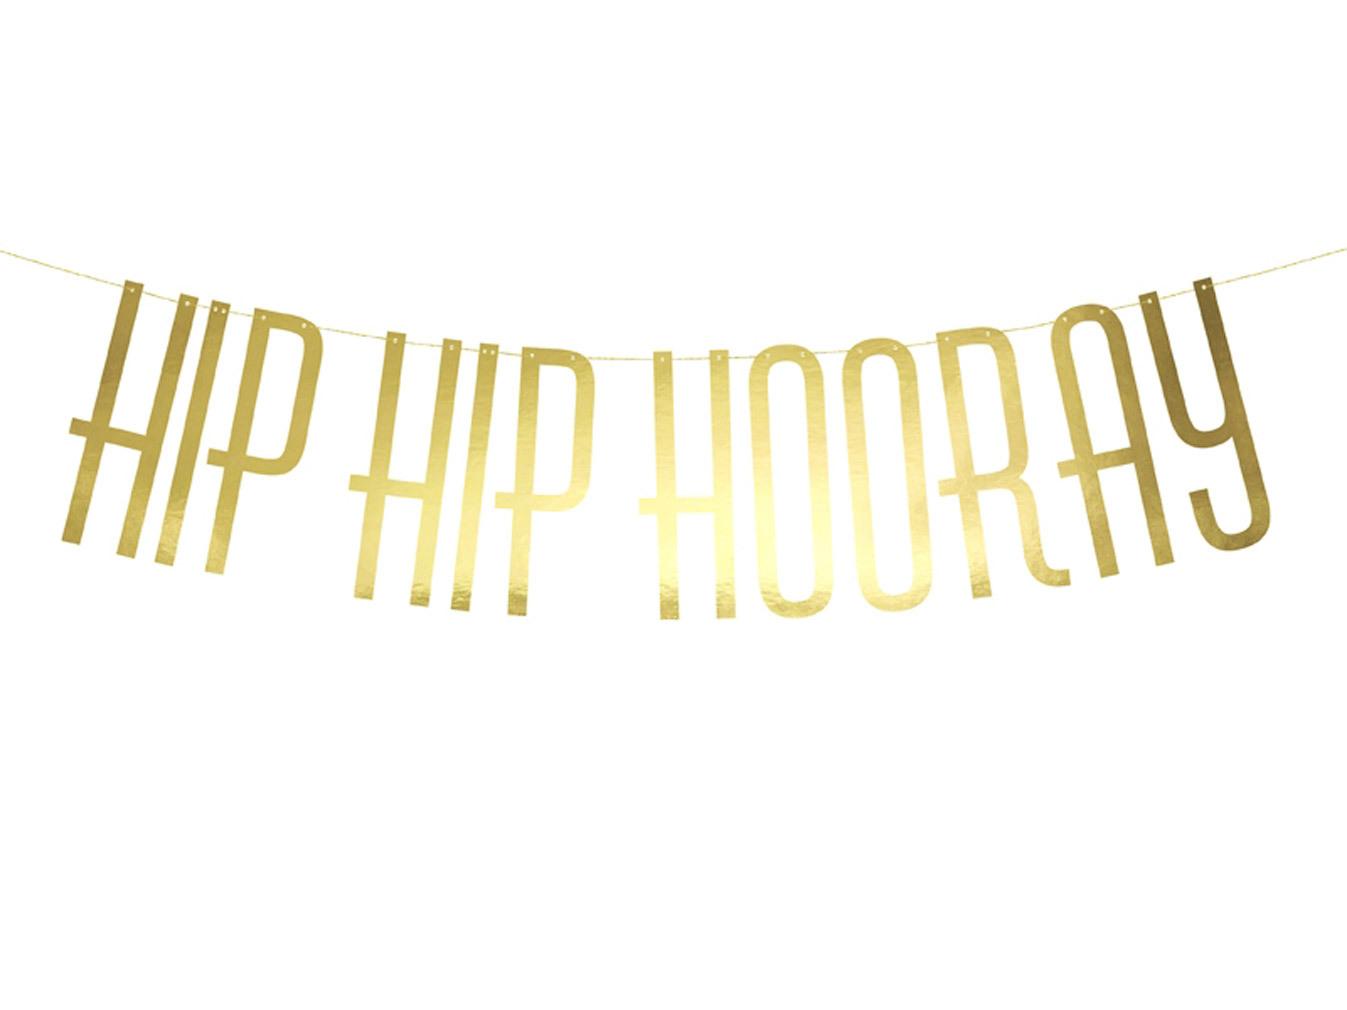 Party Girlande Hip Hip Hooray mit Kordel Banner zum Aufhängen goldfarben